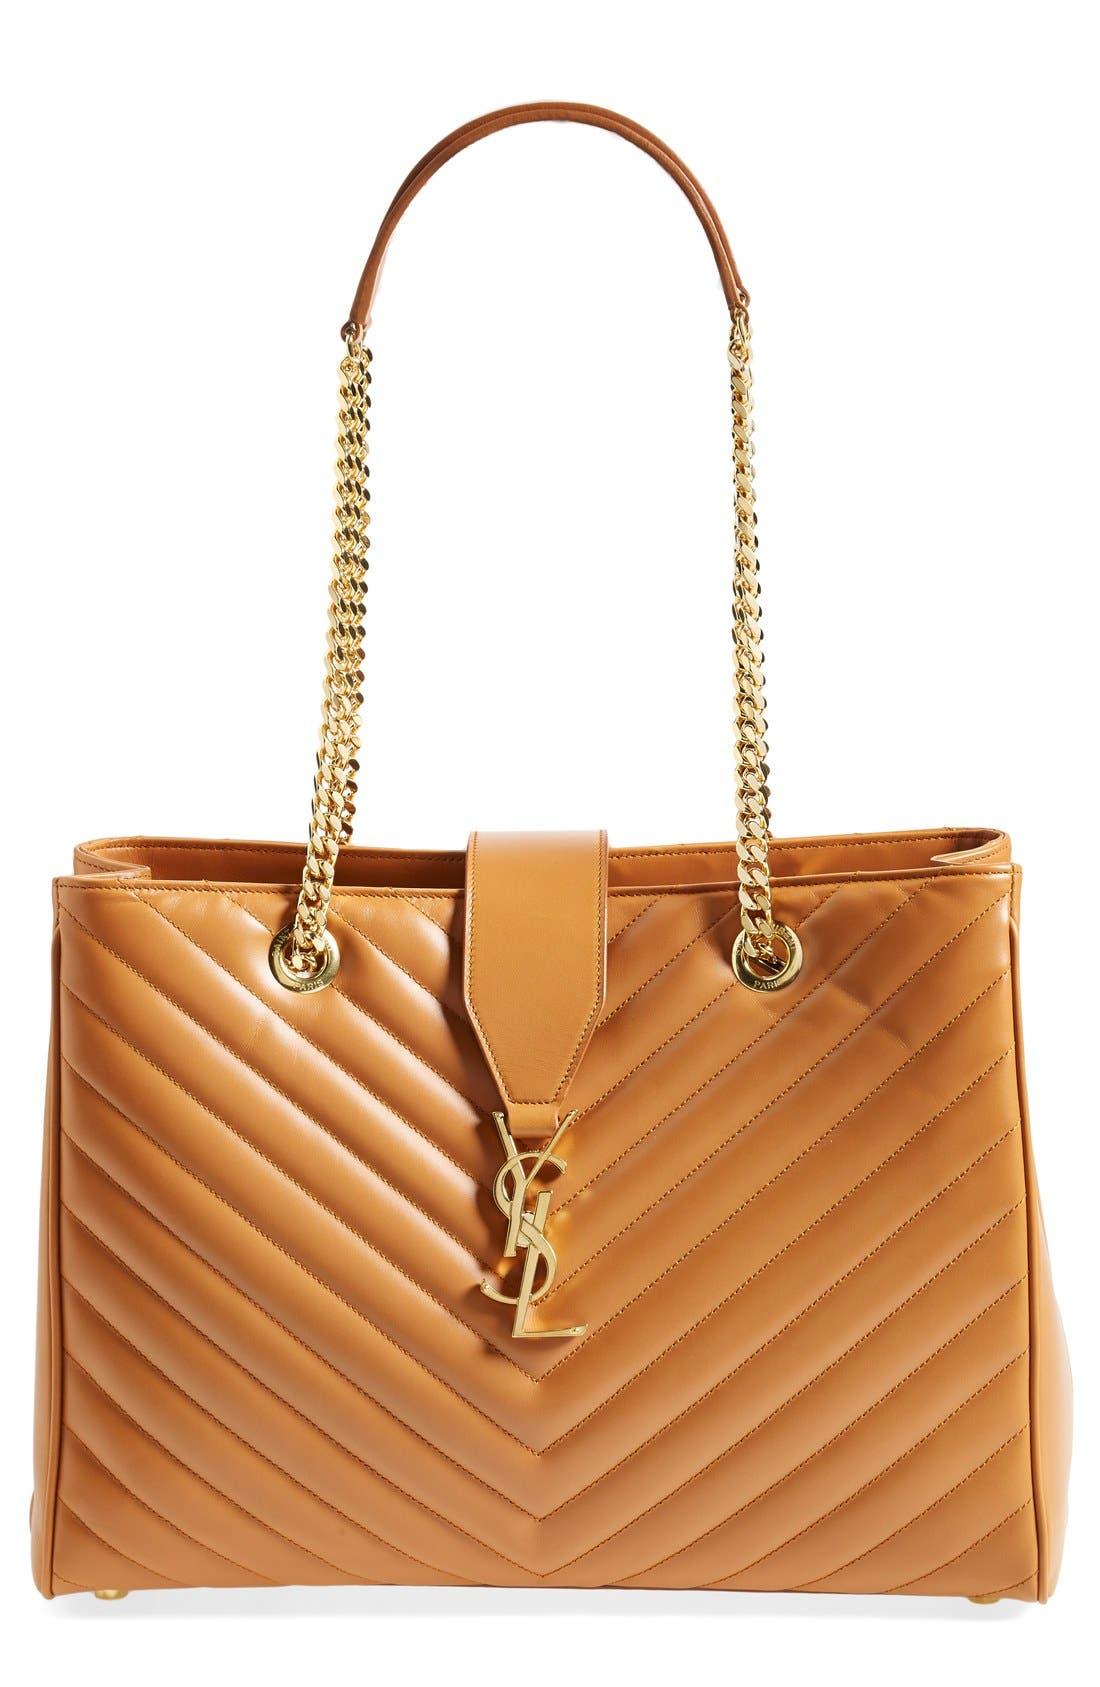 Main Image - Saint Laurent 'Cassandre' Leather Shopper